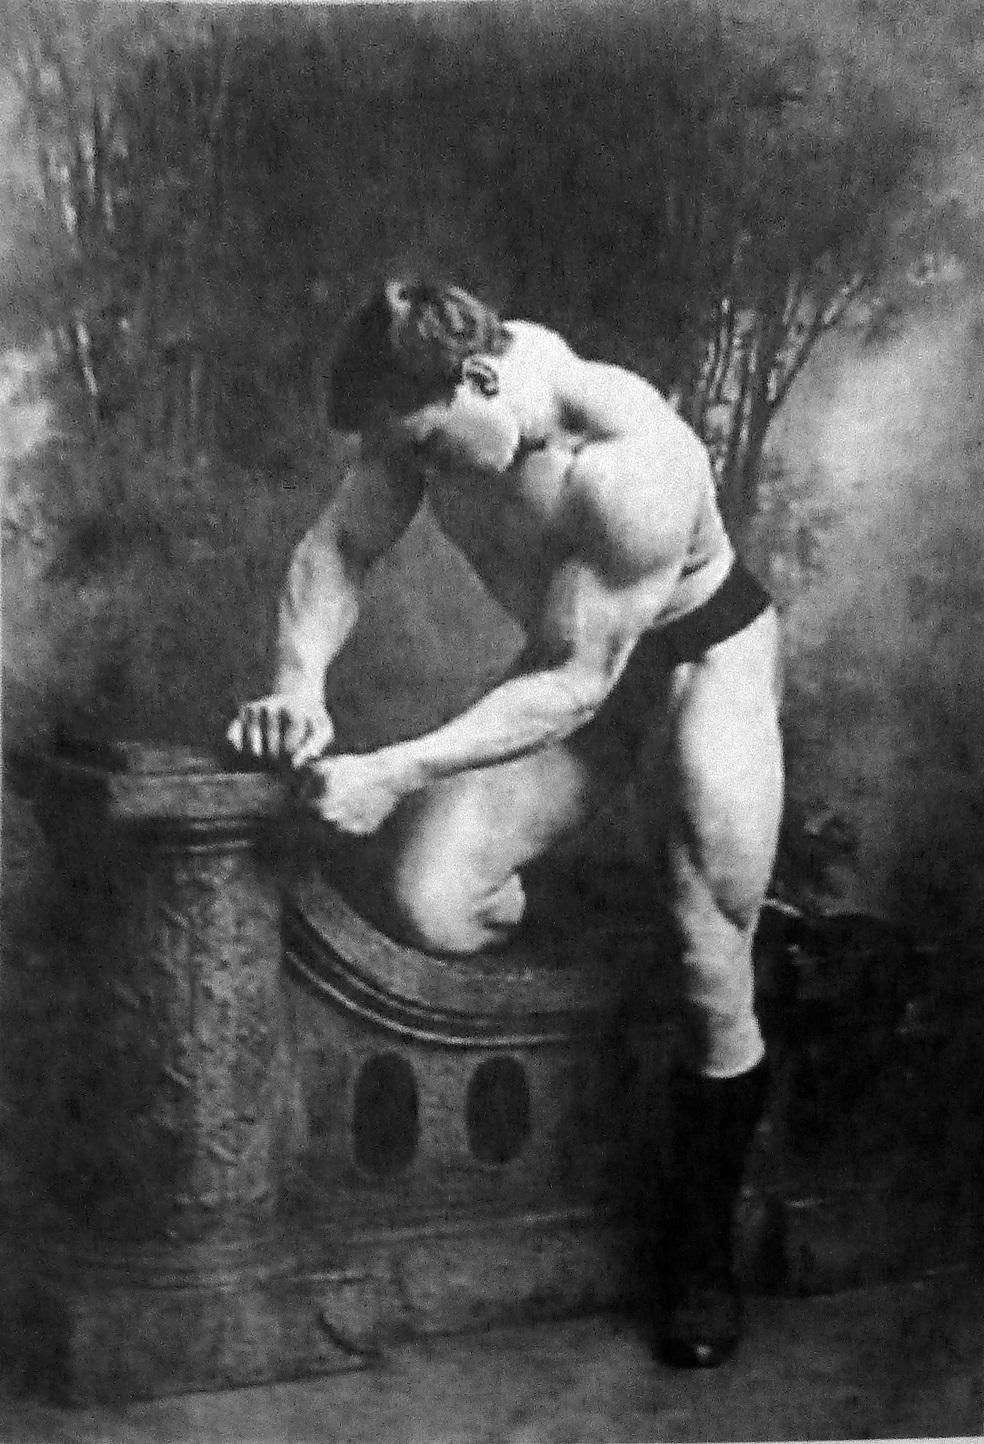 Hackenschmidt, luciendo musculatura en 1900 (WIKIPEDIA).